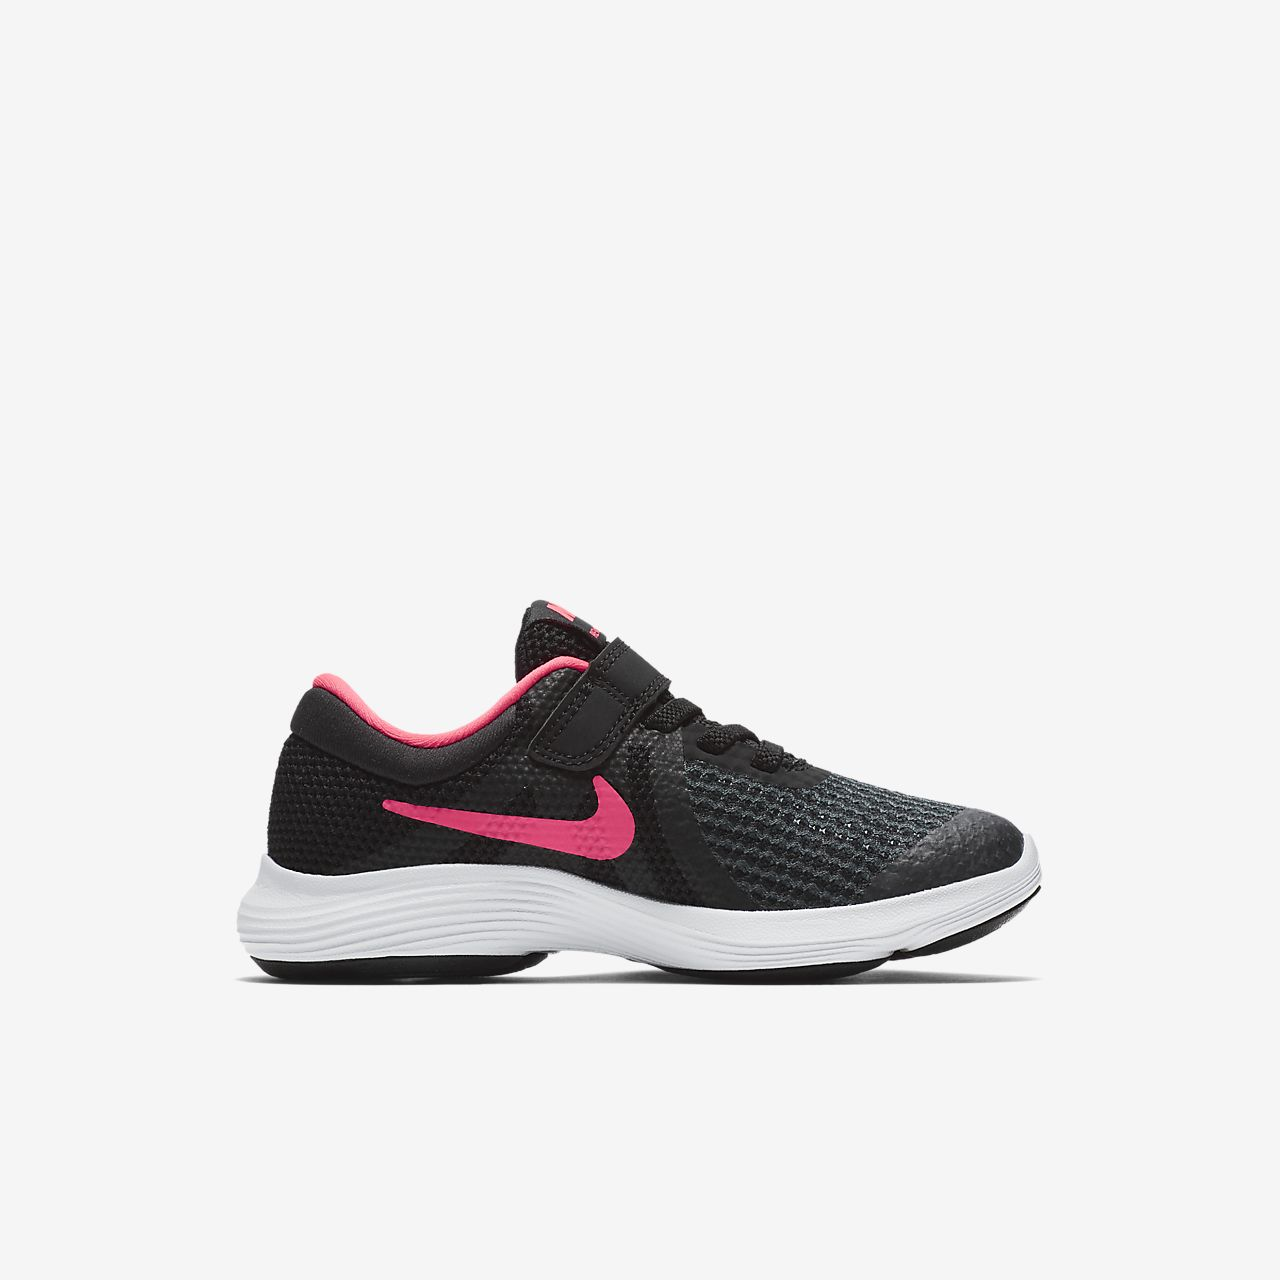 sports shoes 80c99 b2245 ... Chaussure Nike Revolution 4 pour Jeune enfant